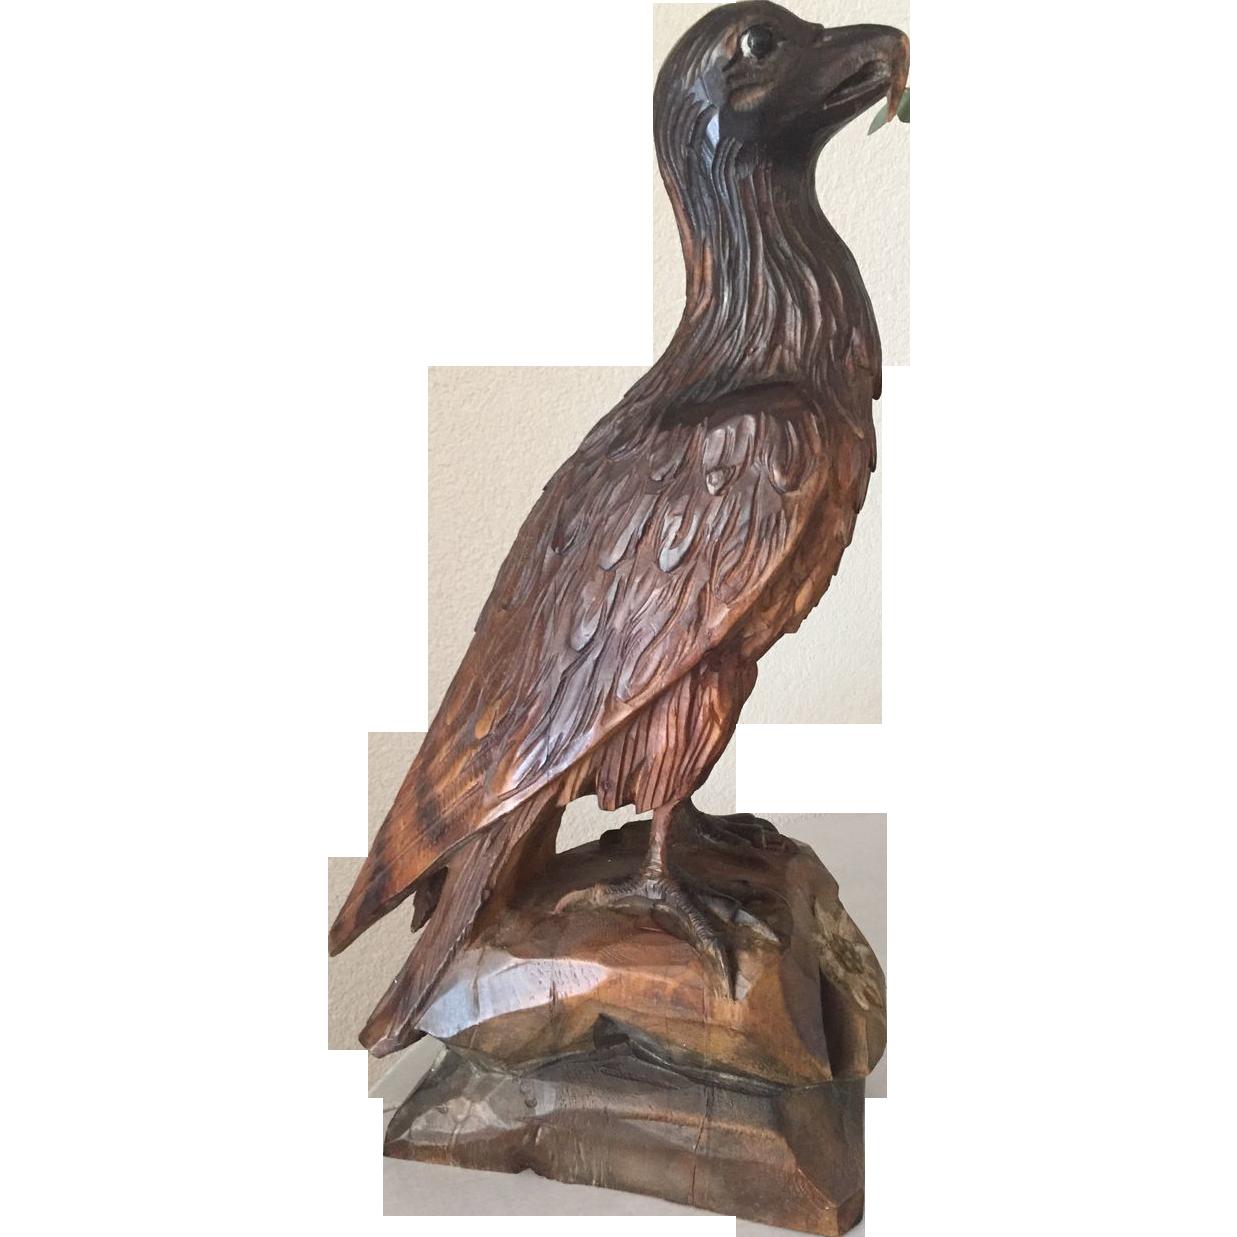 Black Forest Carved Wood Eagle Sculpture